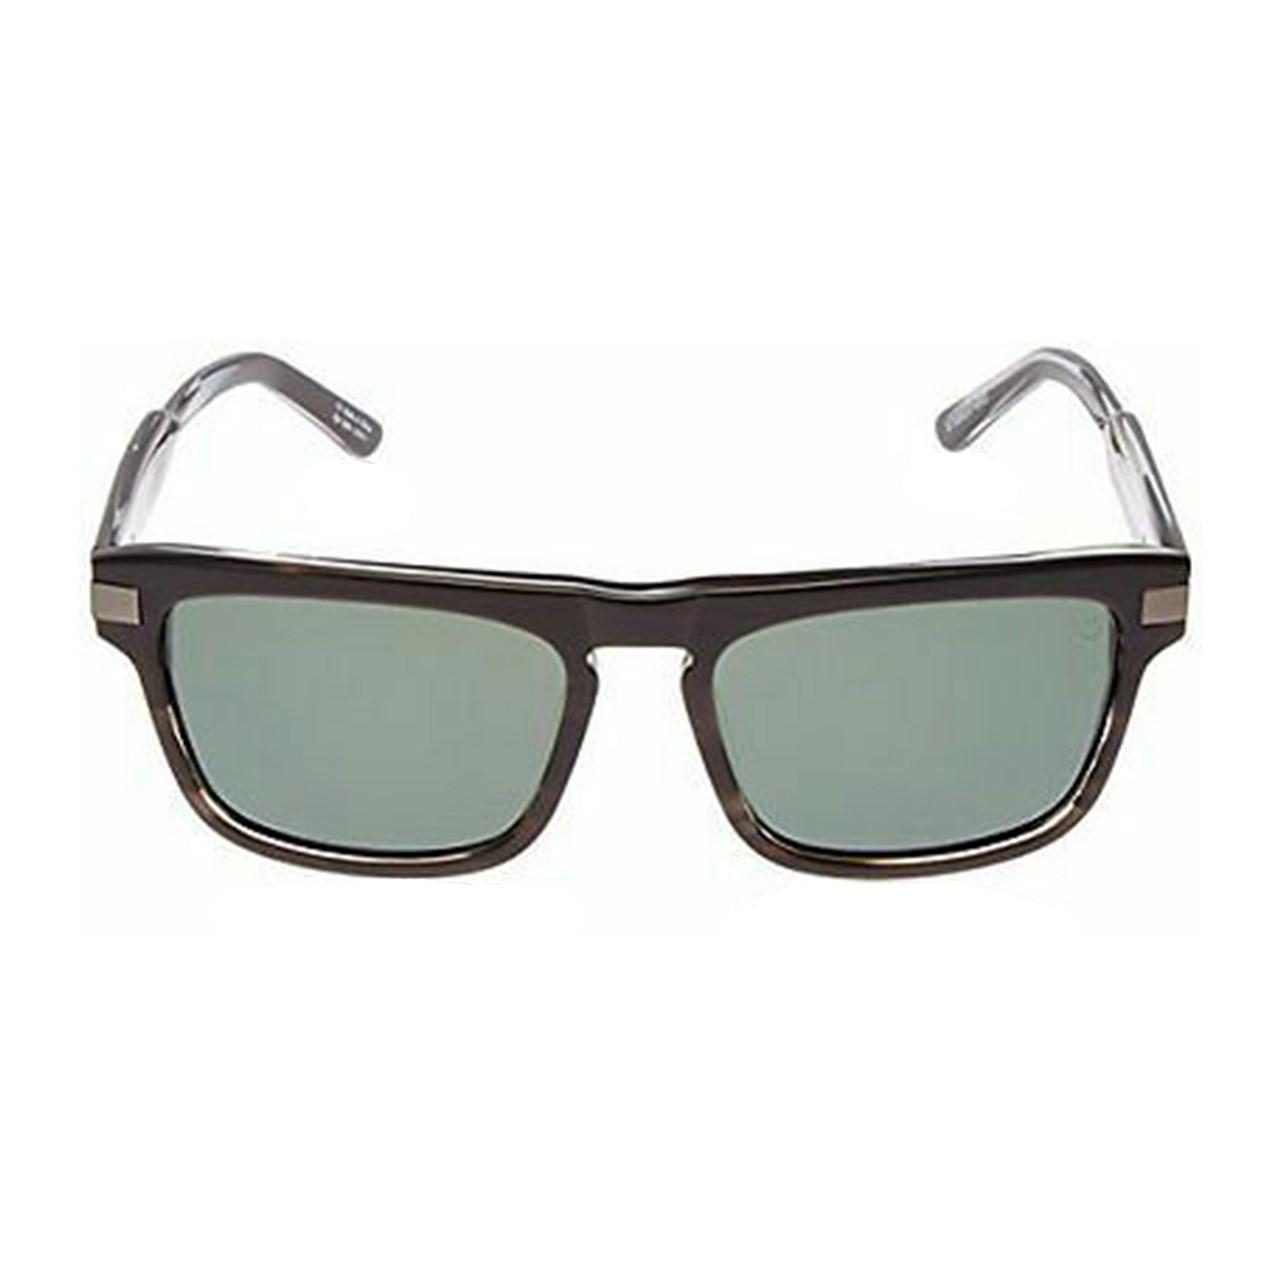 عینک آفتابی اسپای سری Funston مدل Black Horn Happy Gray Green